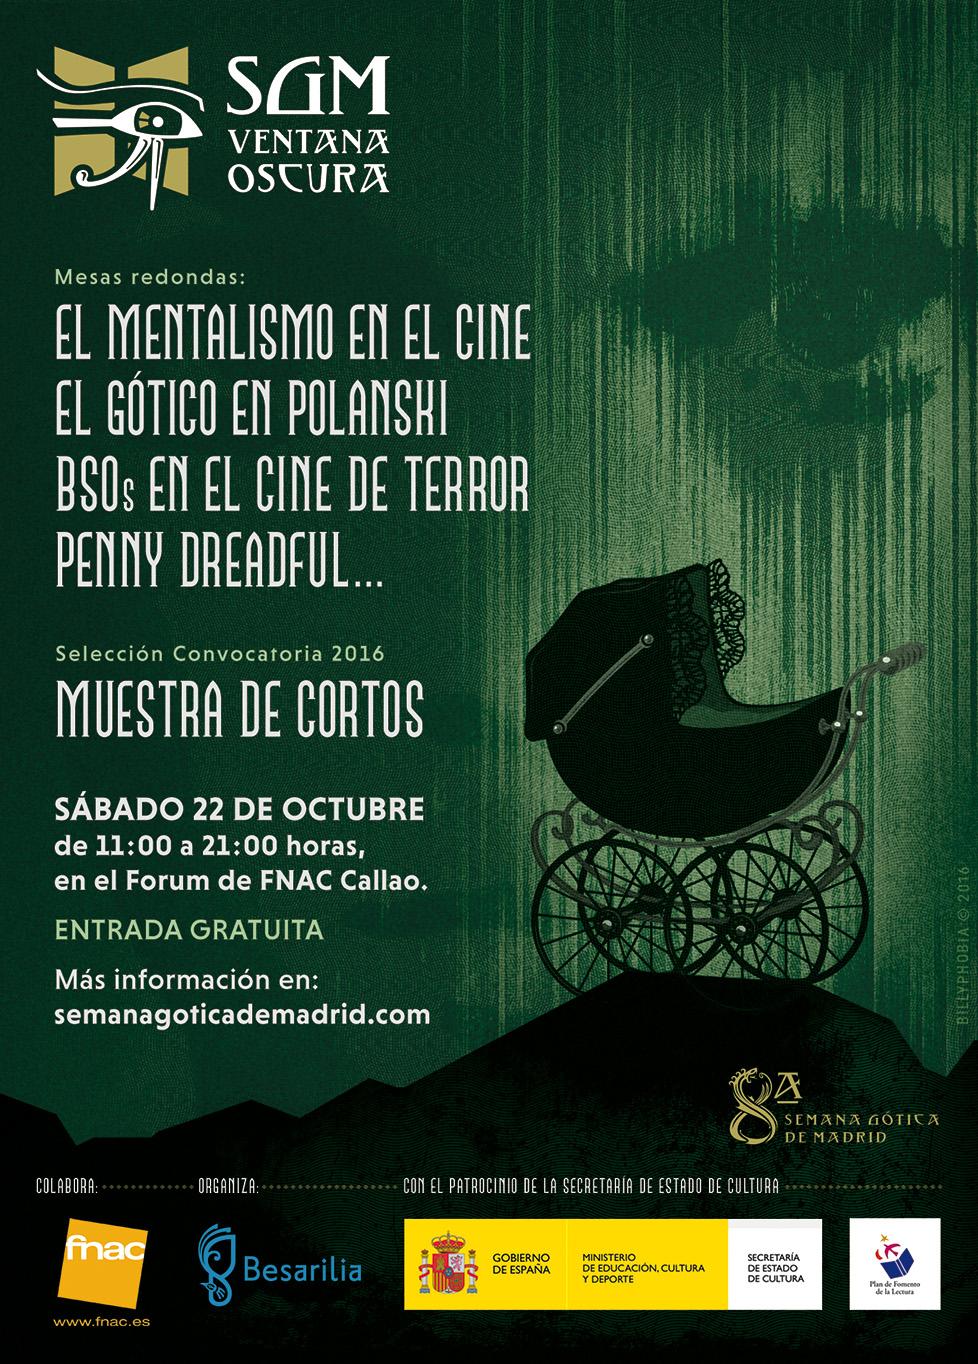 Ventana Oscura 2016 - VIII Semana Gótica de Madrid